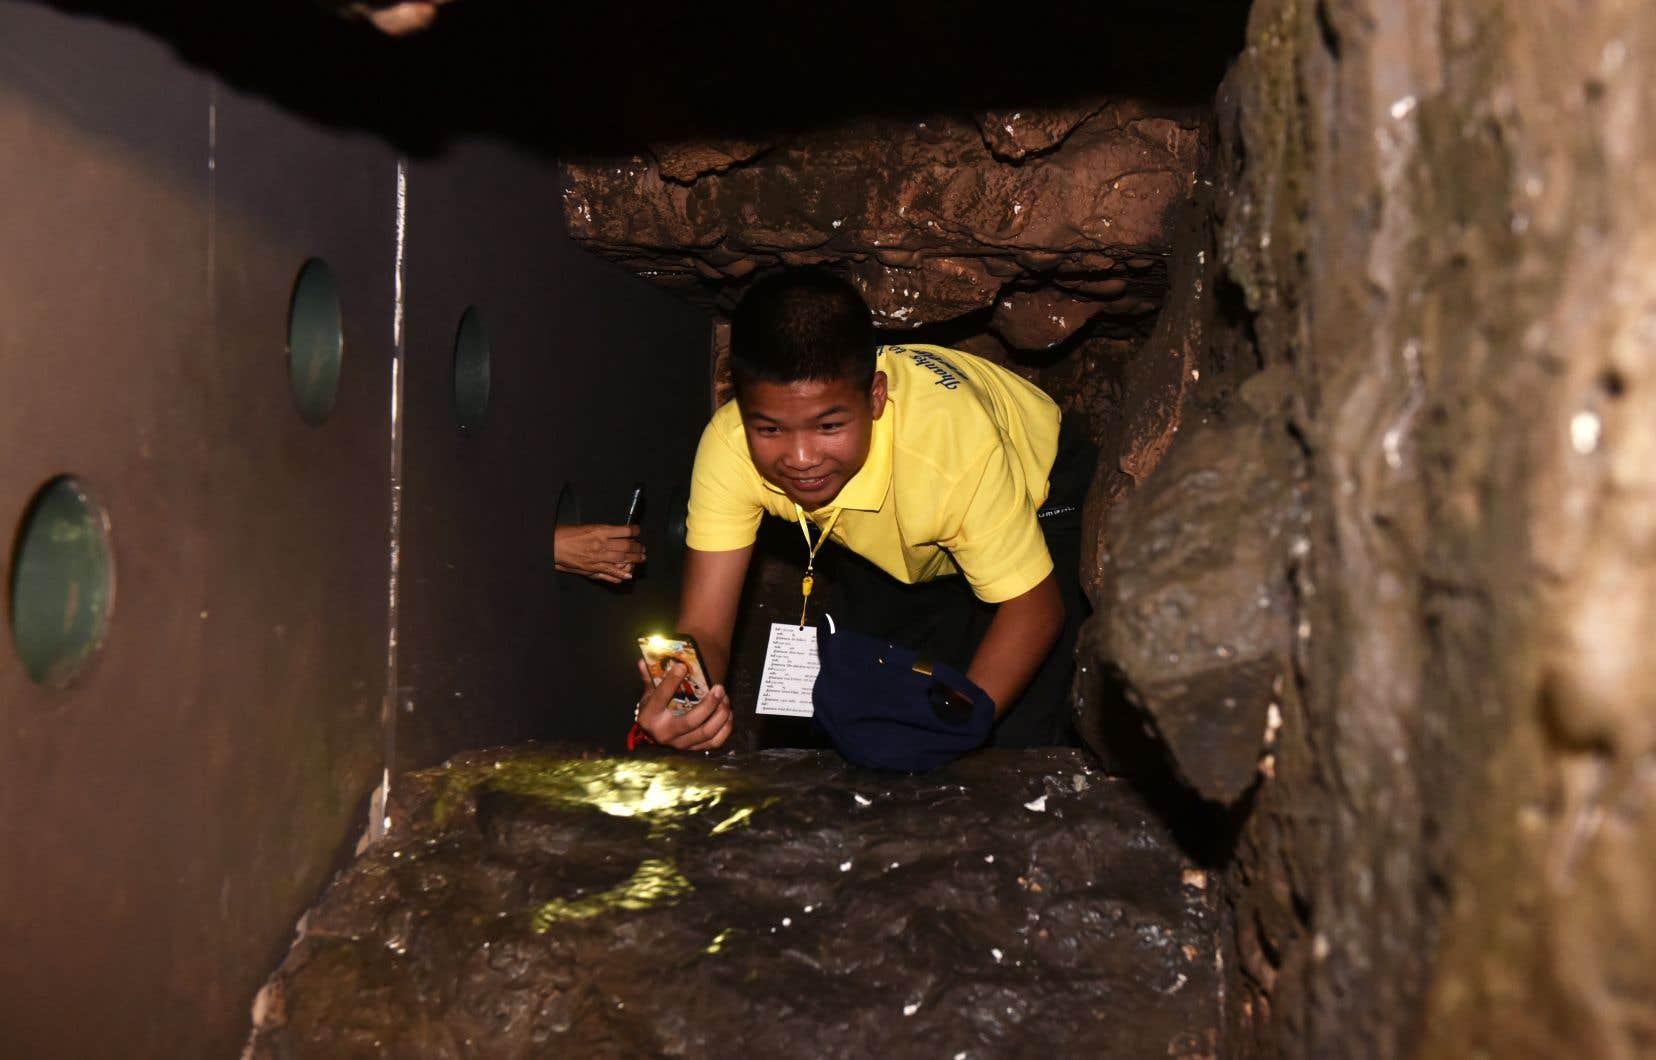 L'histoire des 12 enfants peut se «visiter» à Bangkok, dans une exposition qui propose de ramper dans un tunnel étroit similaire à celui qu'ils ont dû emprunter.